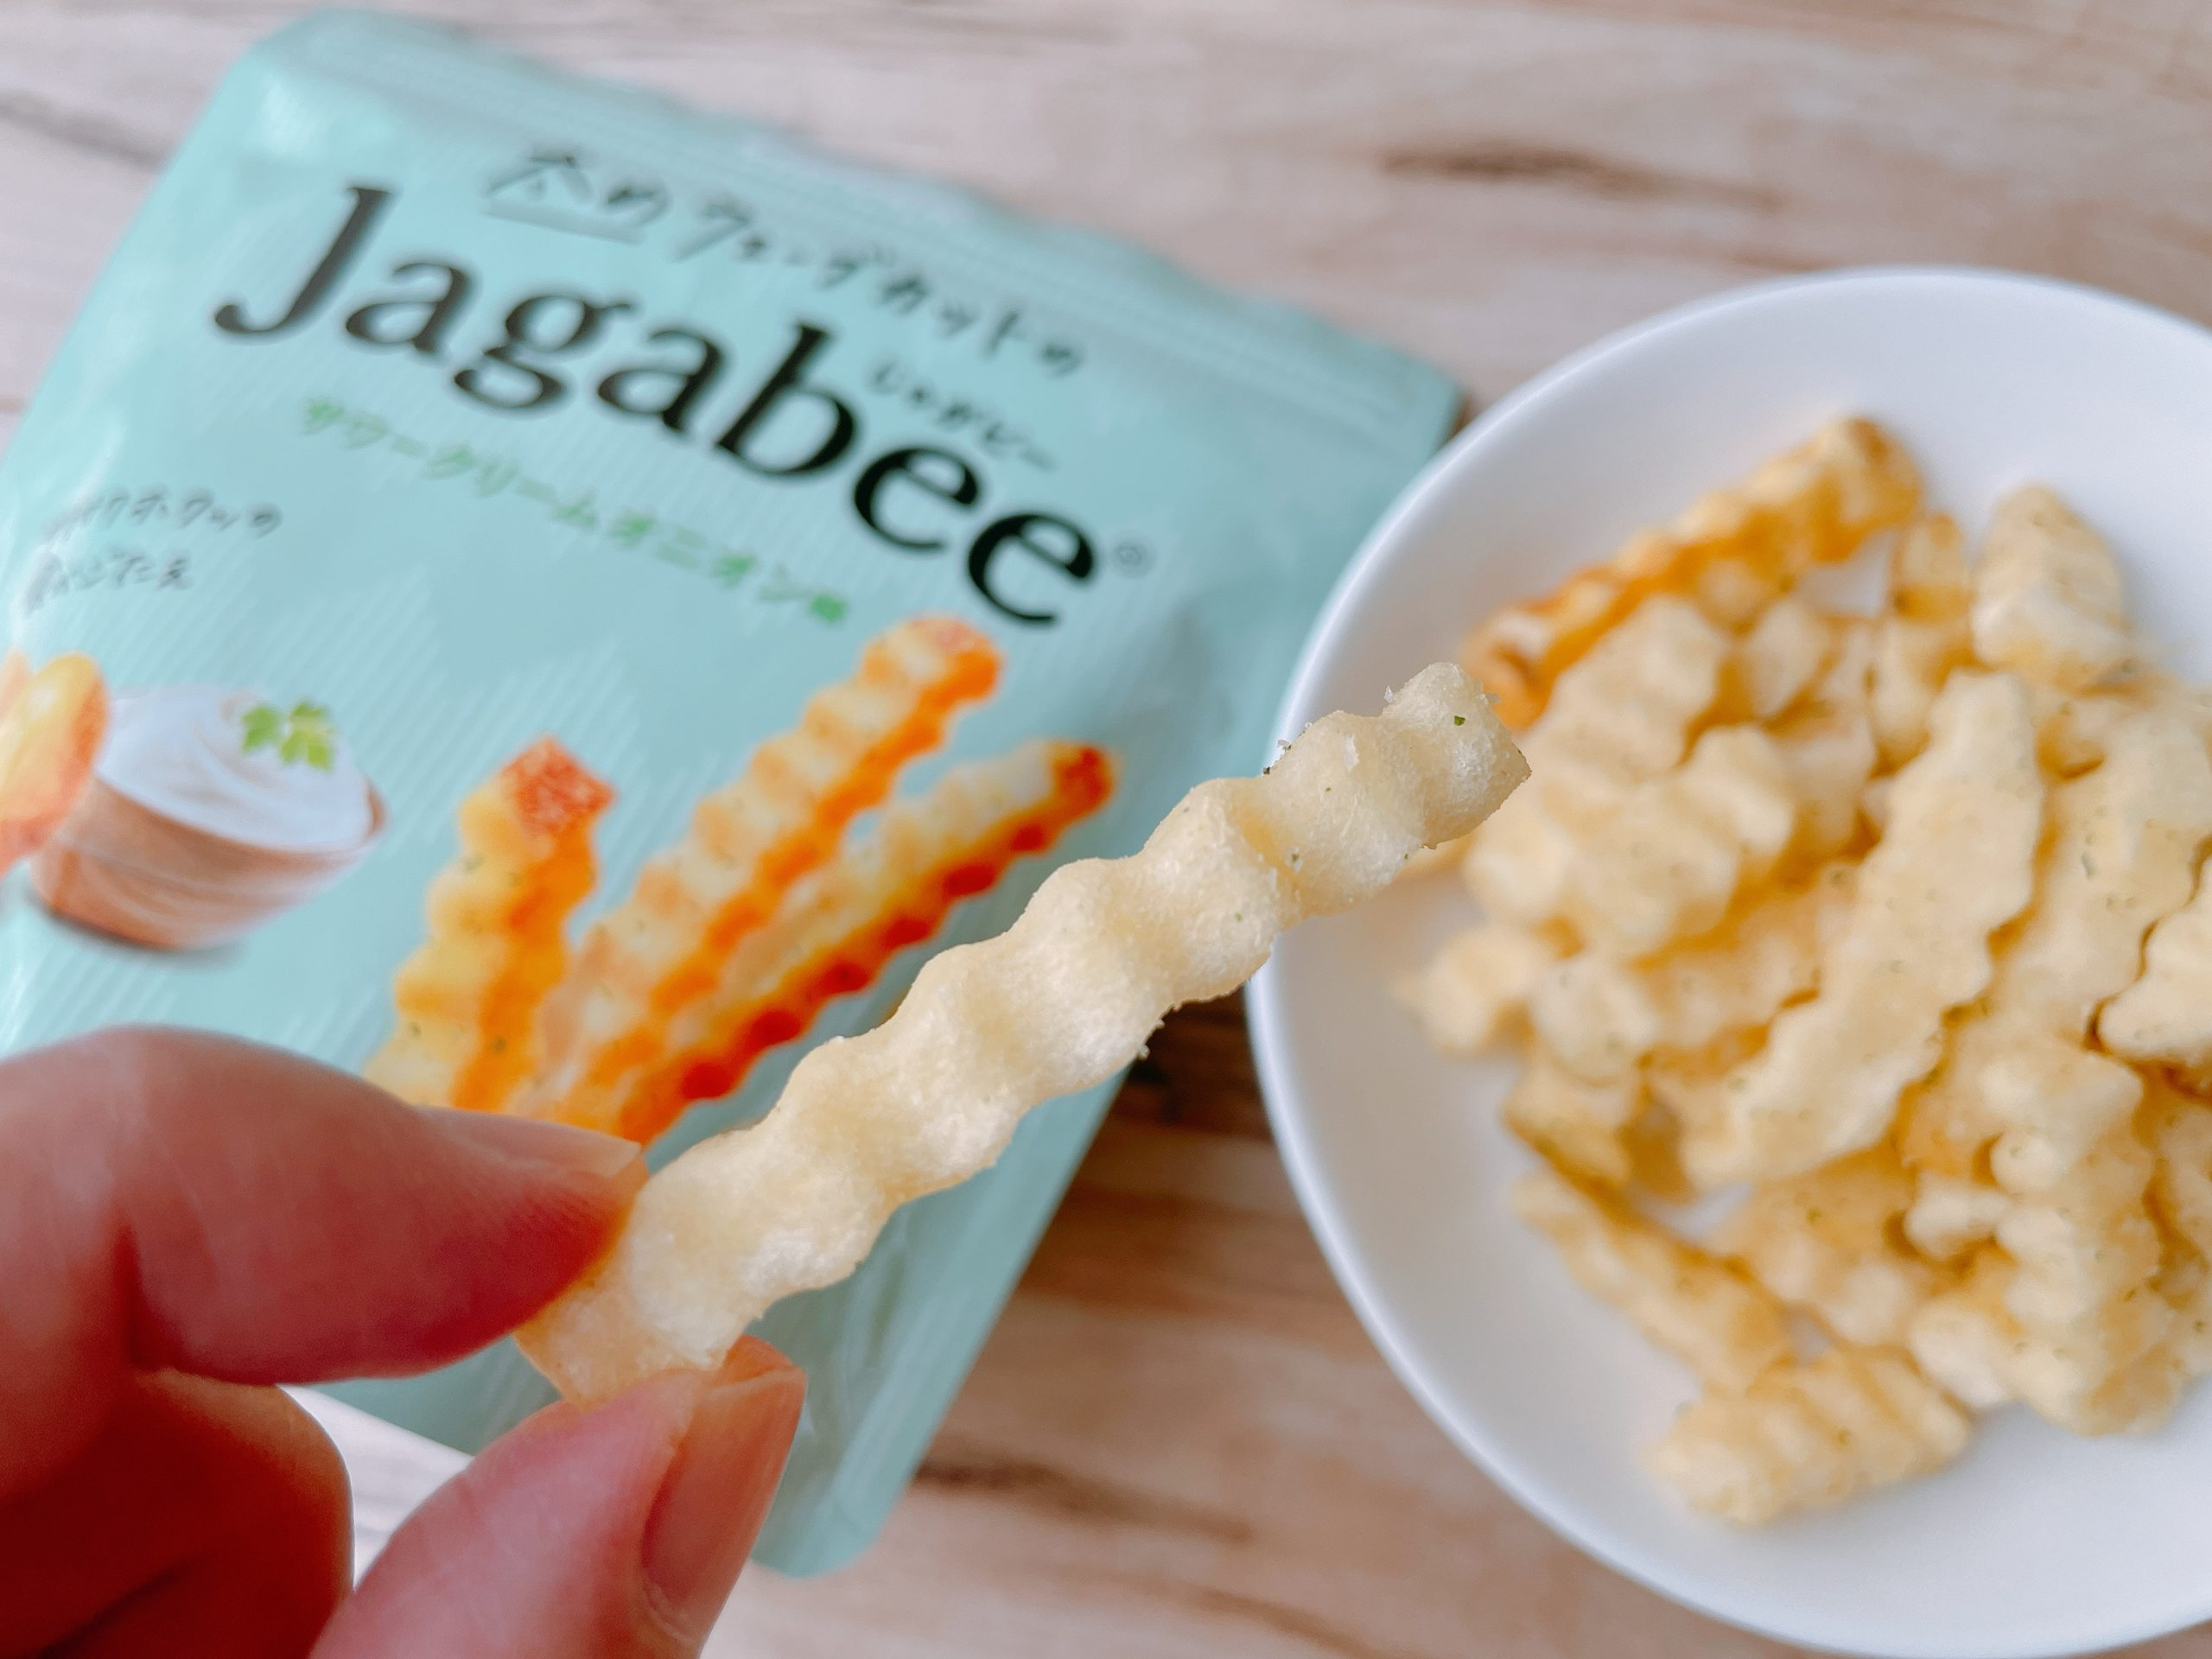 じゃがビー<サワークリームオニオン味>は、ゆったりした時間を感じられる味